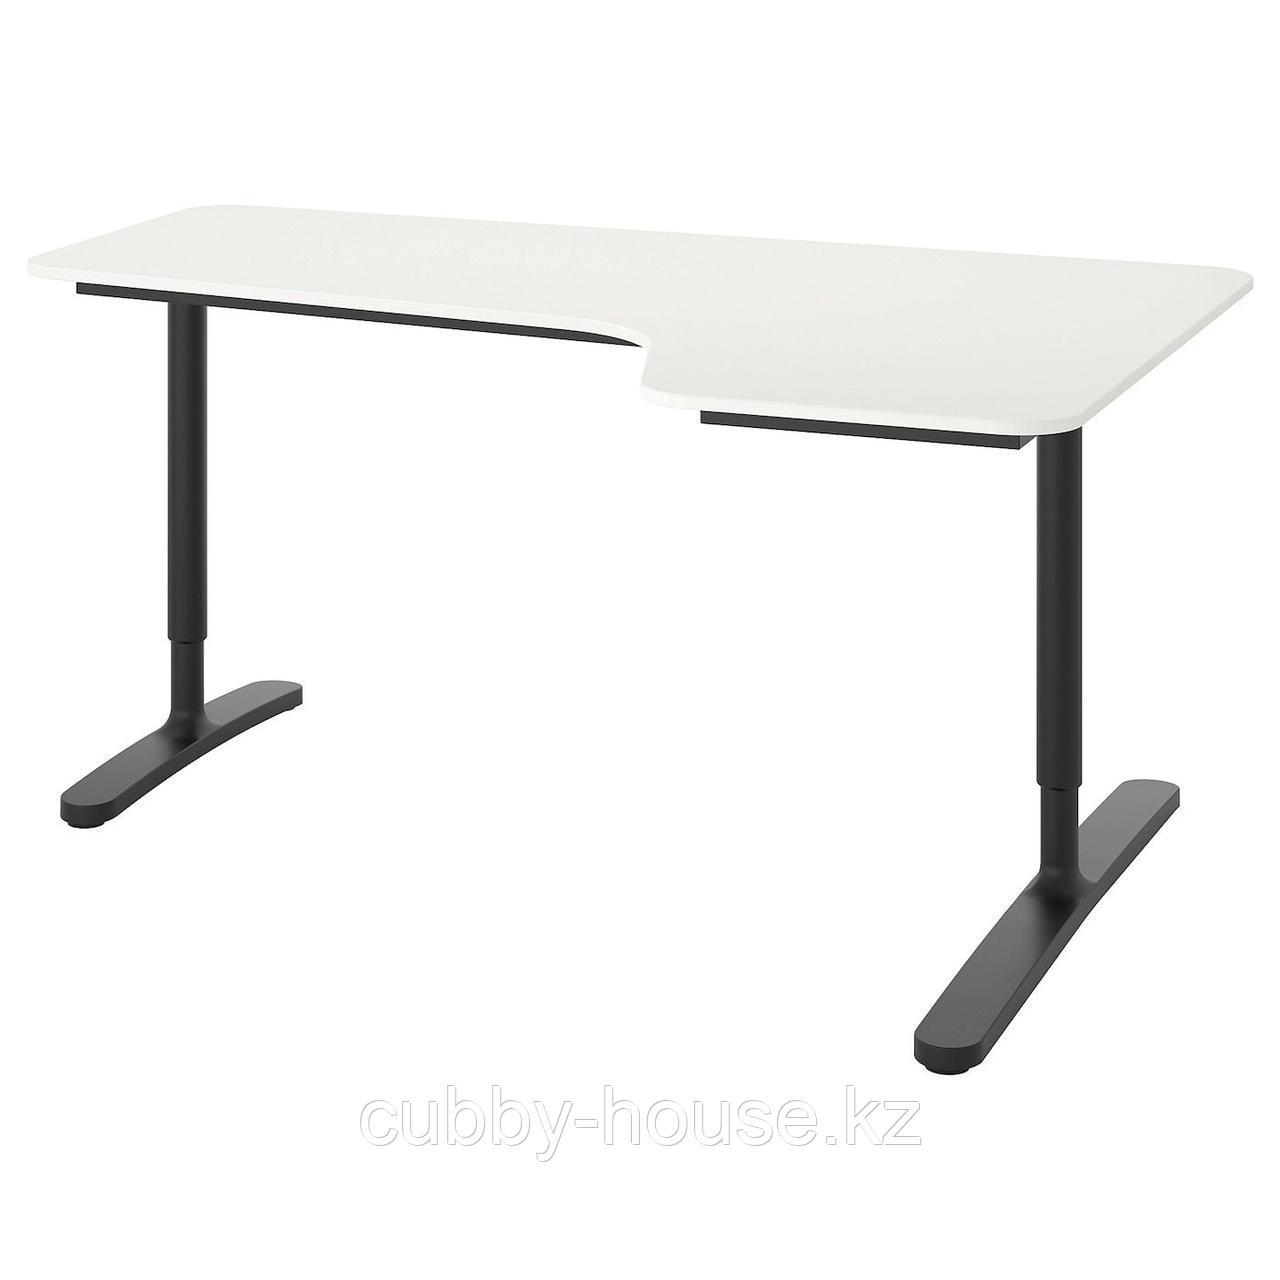 БЕКАНТ Углов письм стол правый, дубовый шпон, беленый, белый, 160x110 см